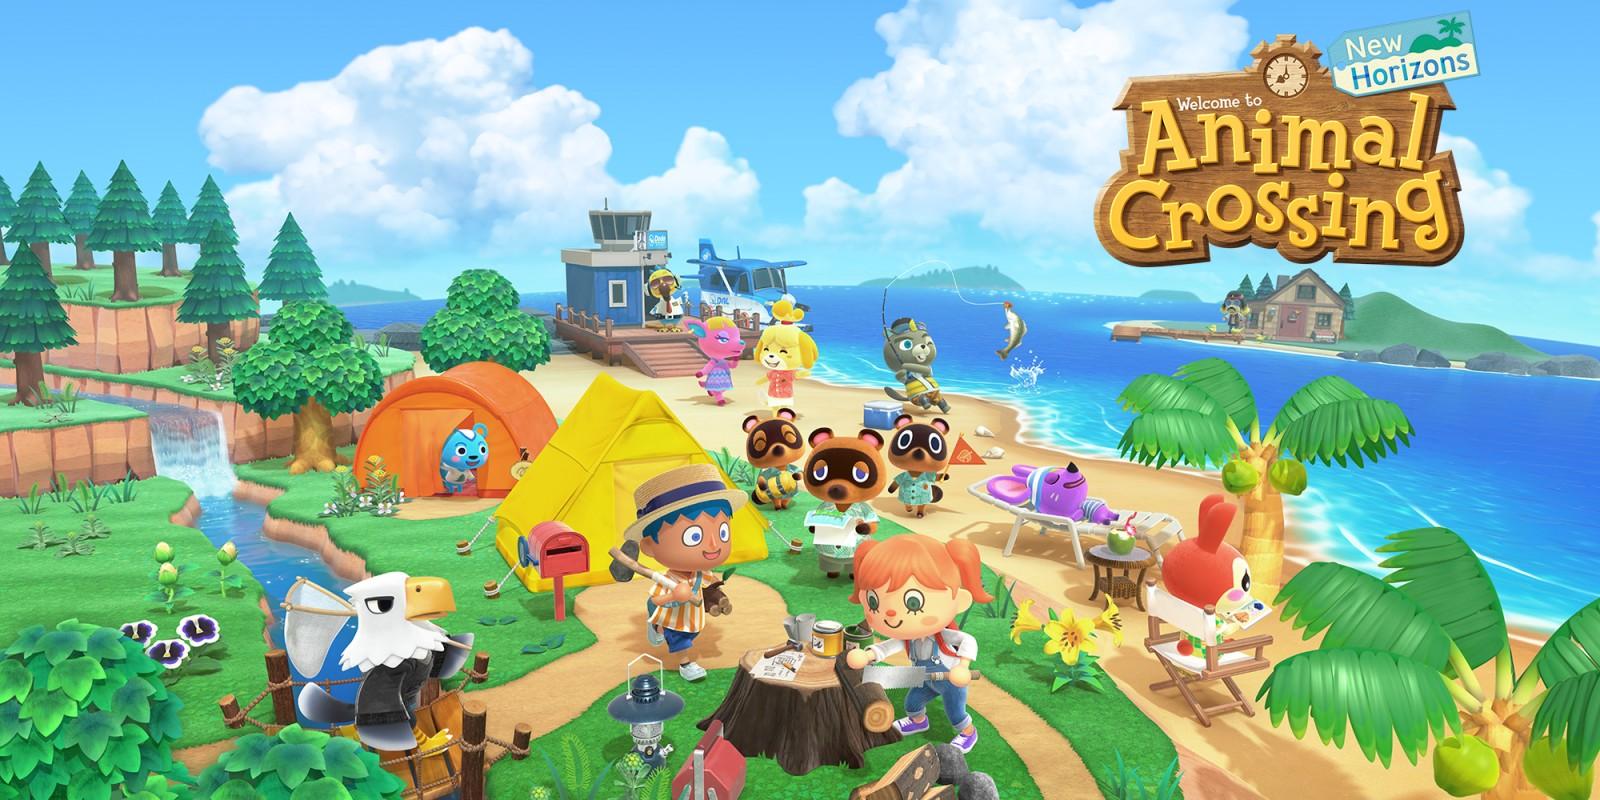 La campagne colorée avec un panneau sur la droite où est inscrit Animal Crossing: New Horizons